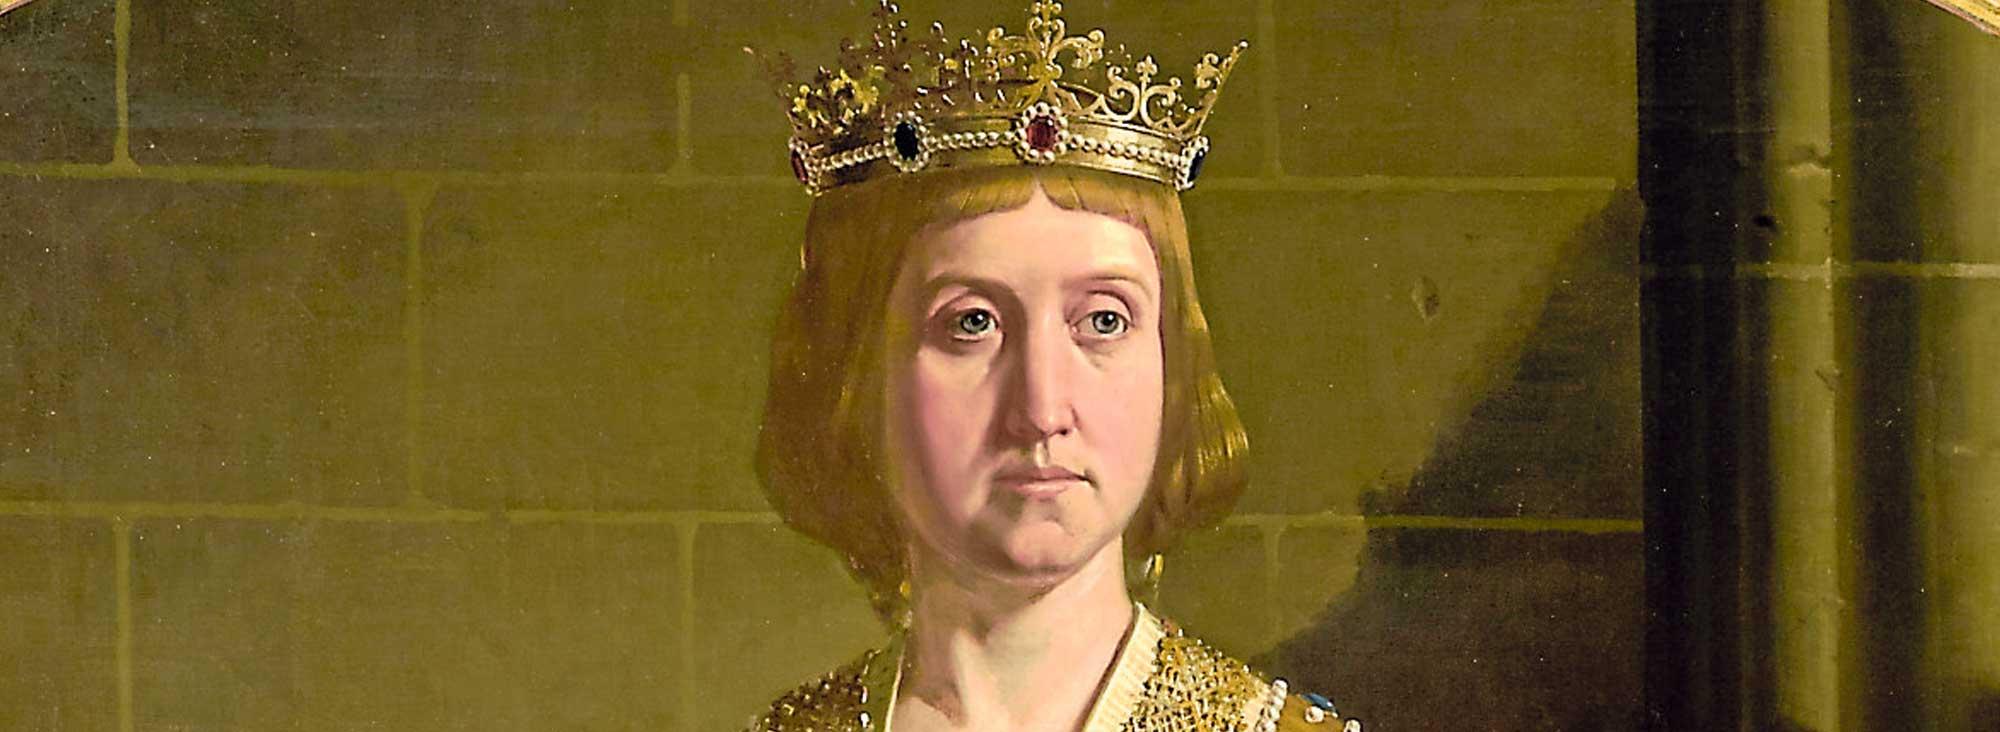 Isabel I de Castilla  fue reina entre 1474 y 1504, cuando murió.